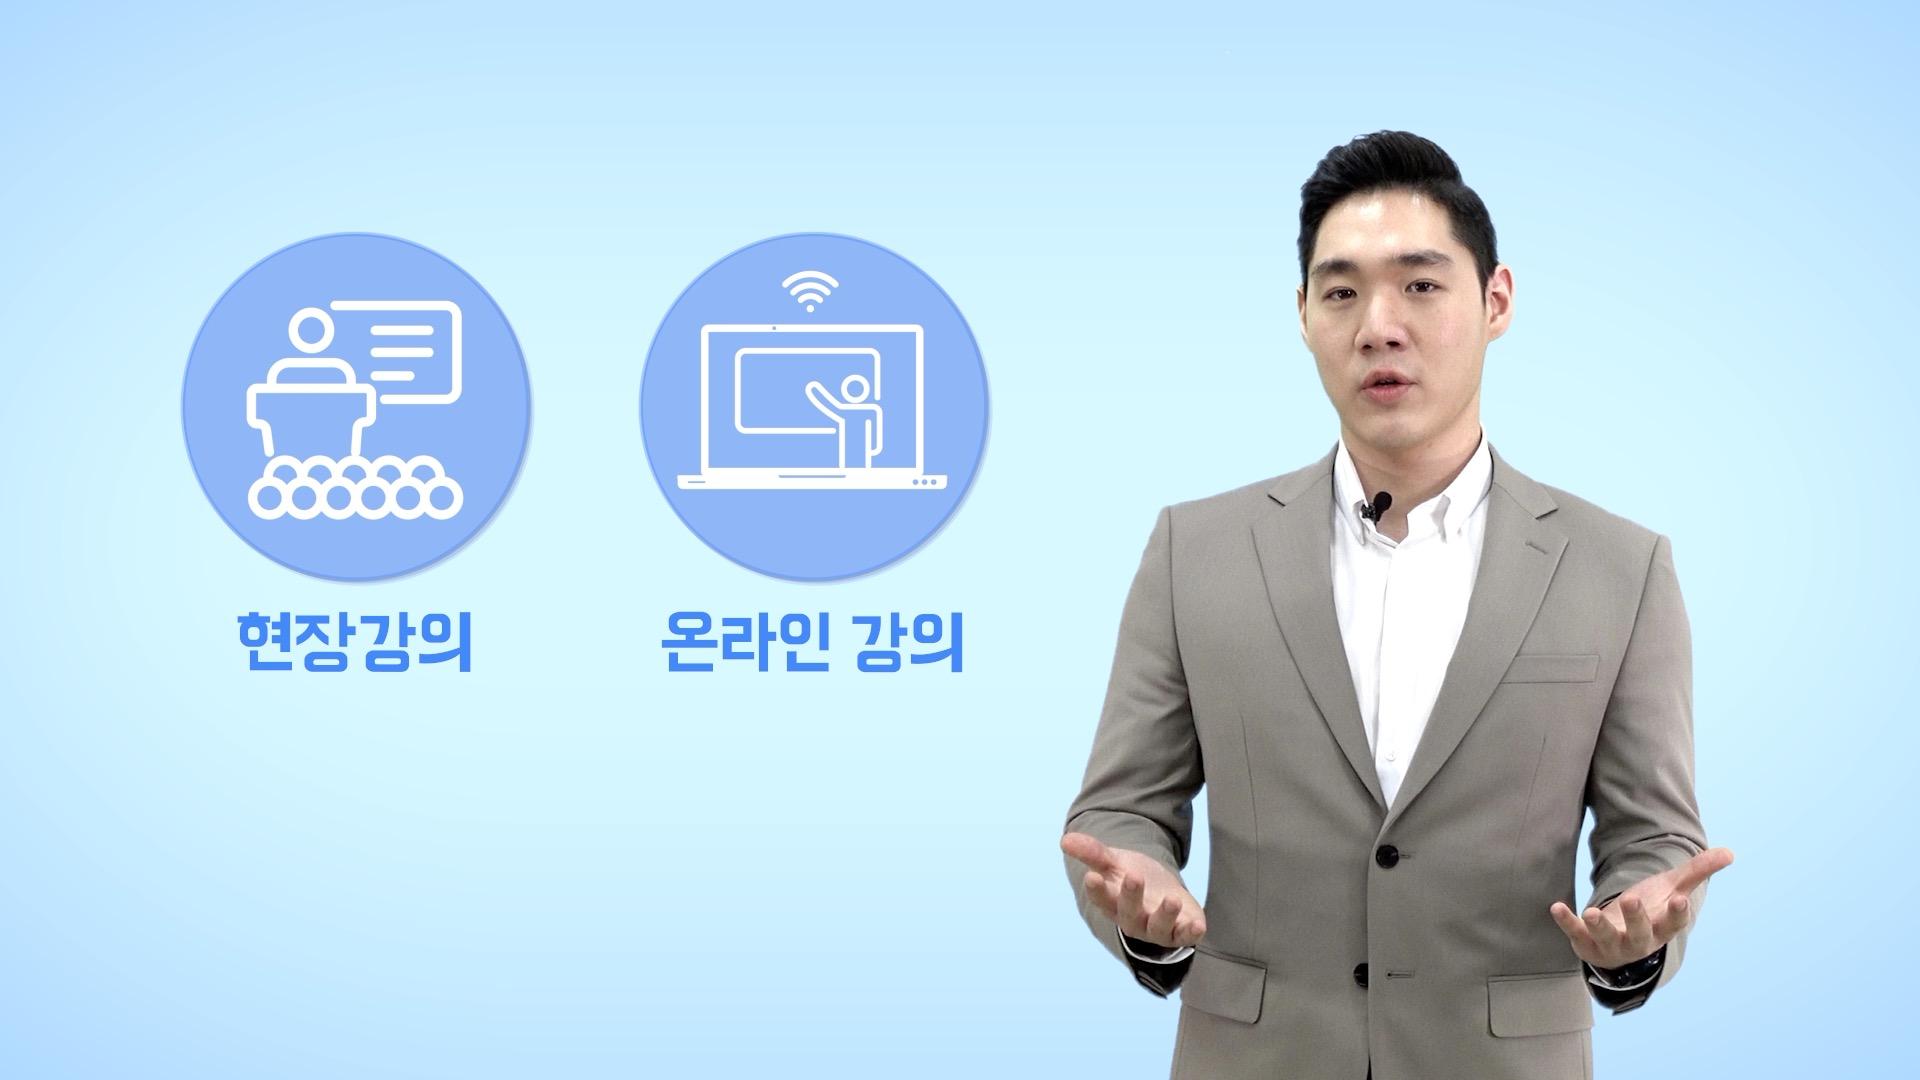 그루미 실시간 온라인 강의 소개 영상